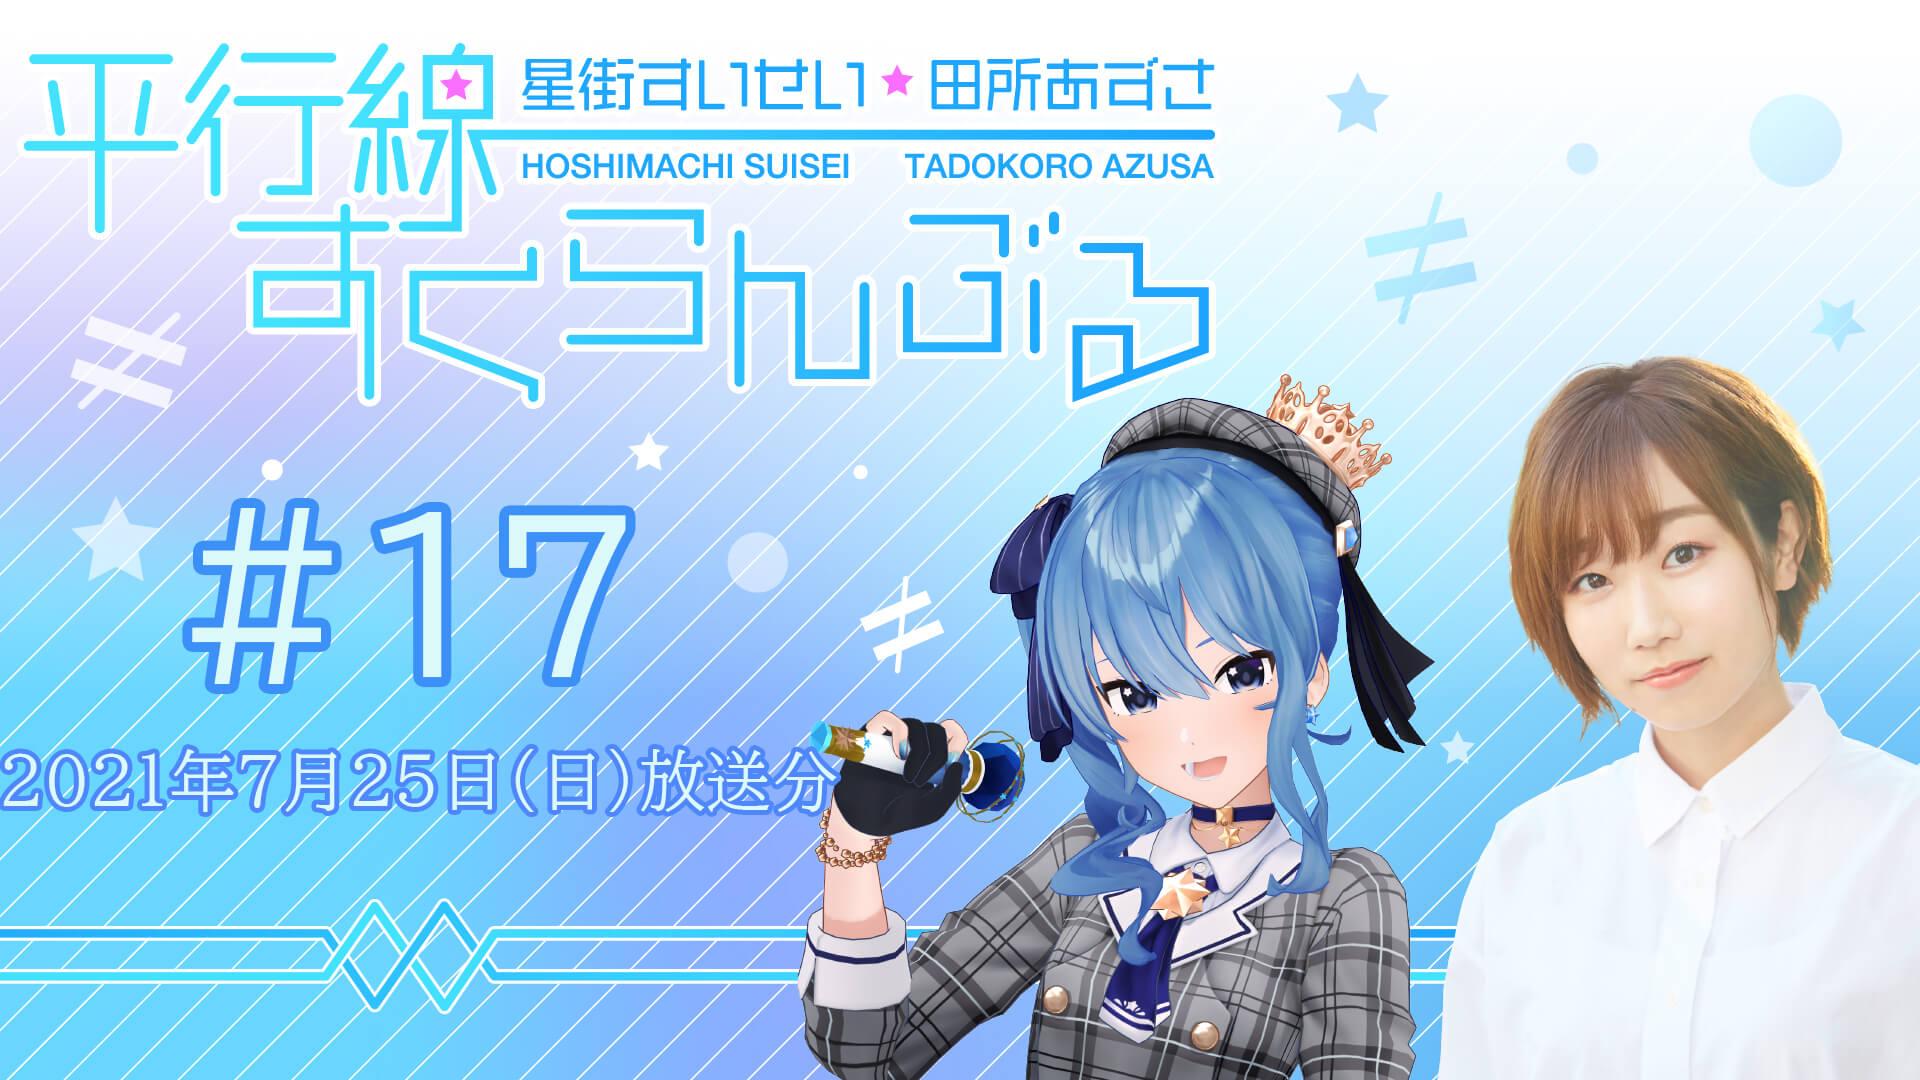 #17『星街すいせい・田所あずさ 平行線すくらんぶる』(2021年7月25日放送分)